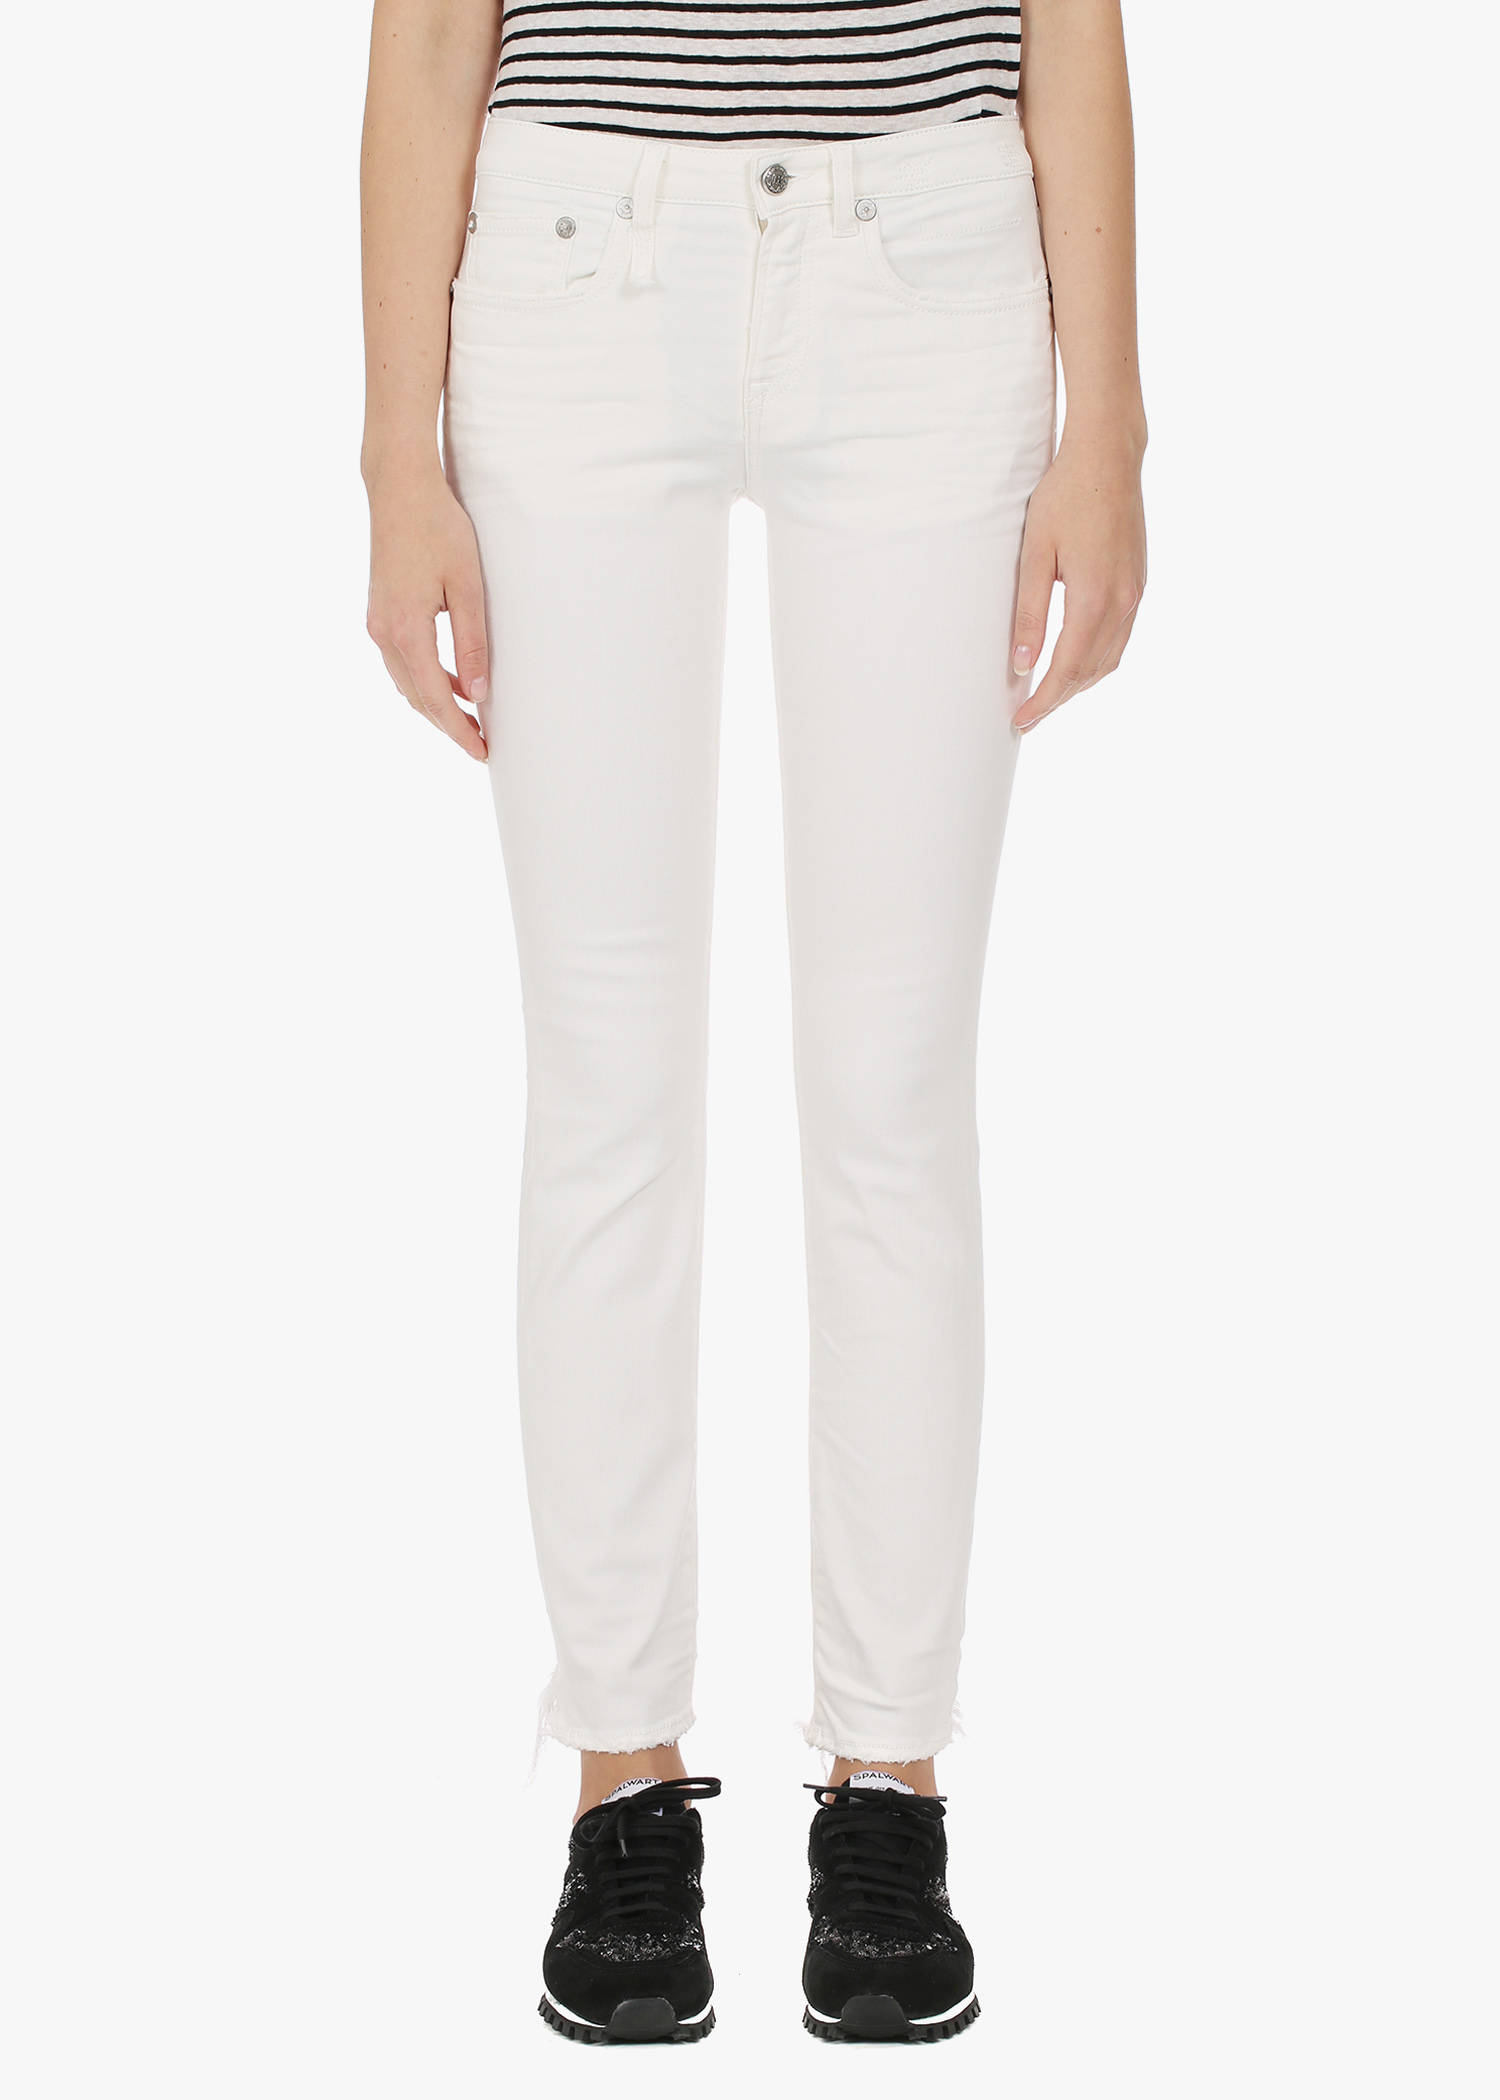 R13 Alison Skinny In Garret White